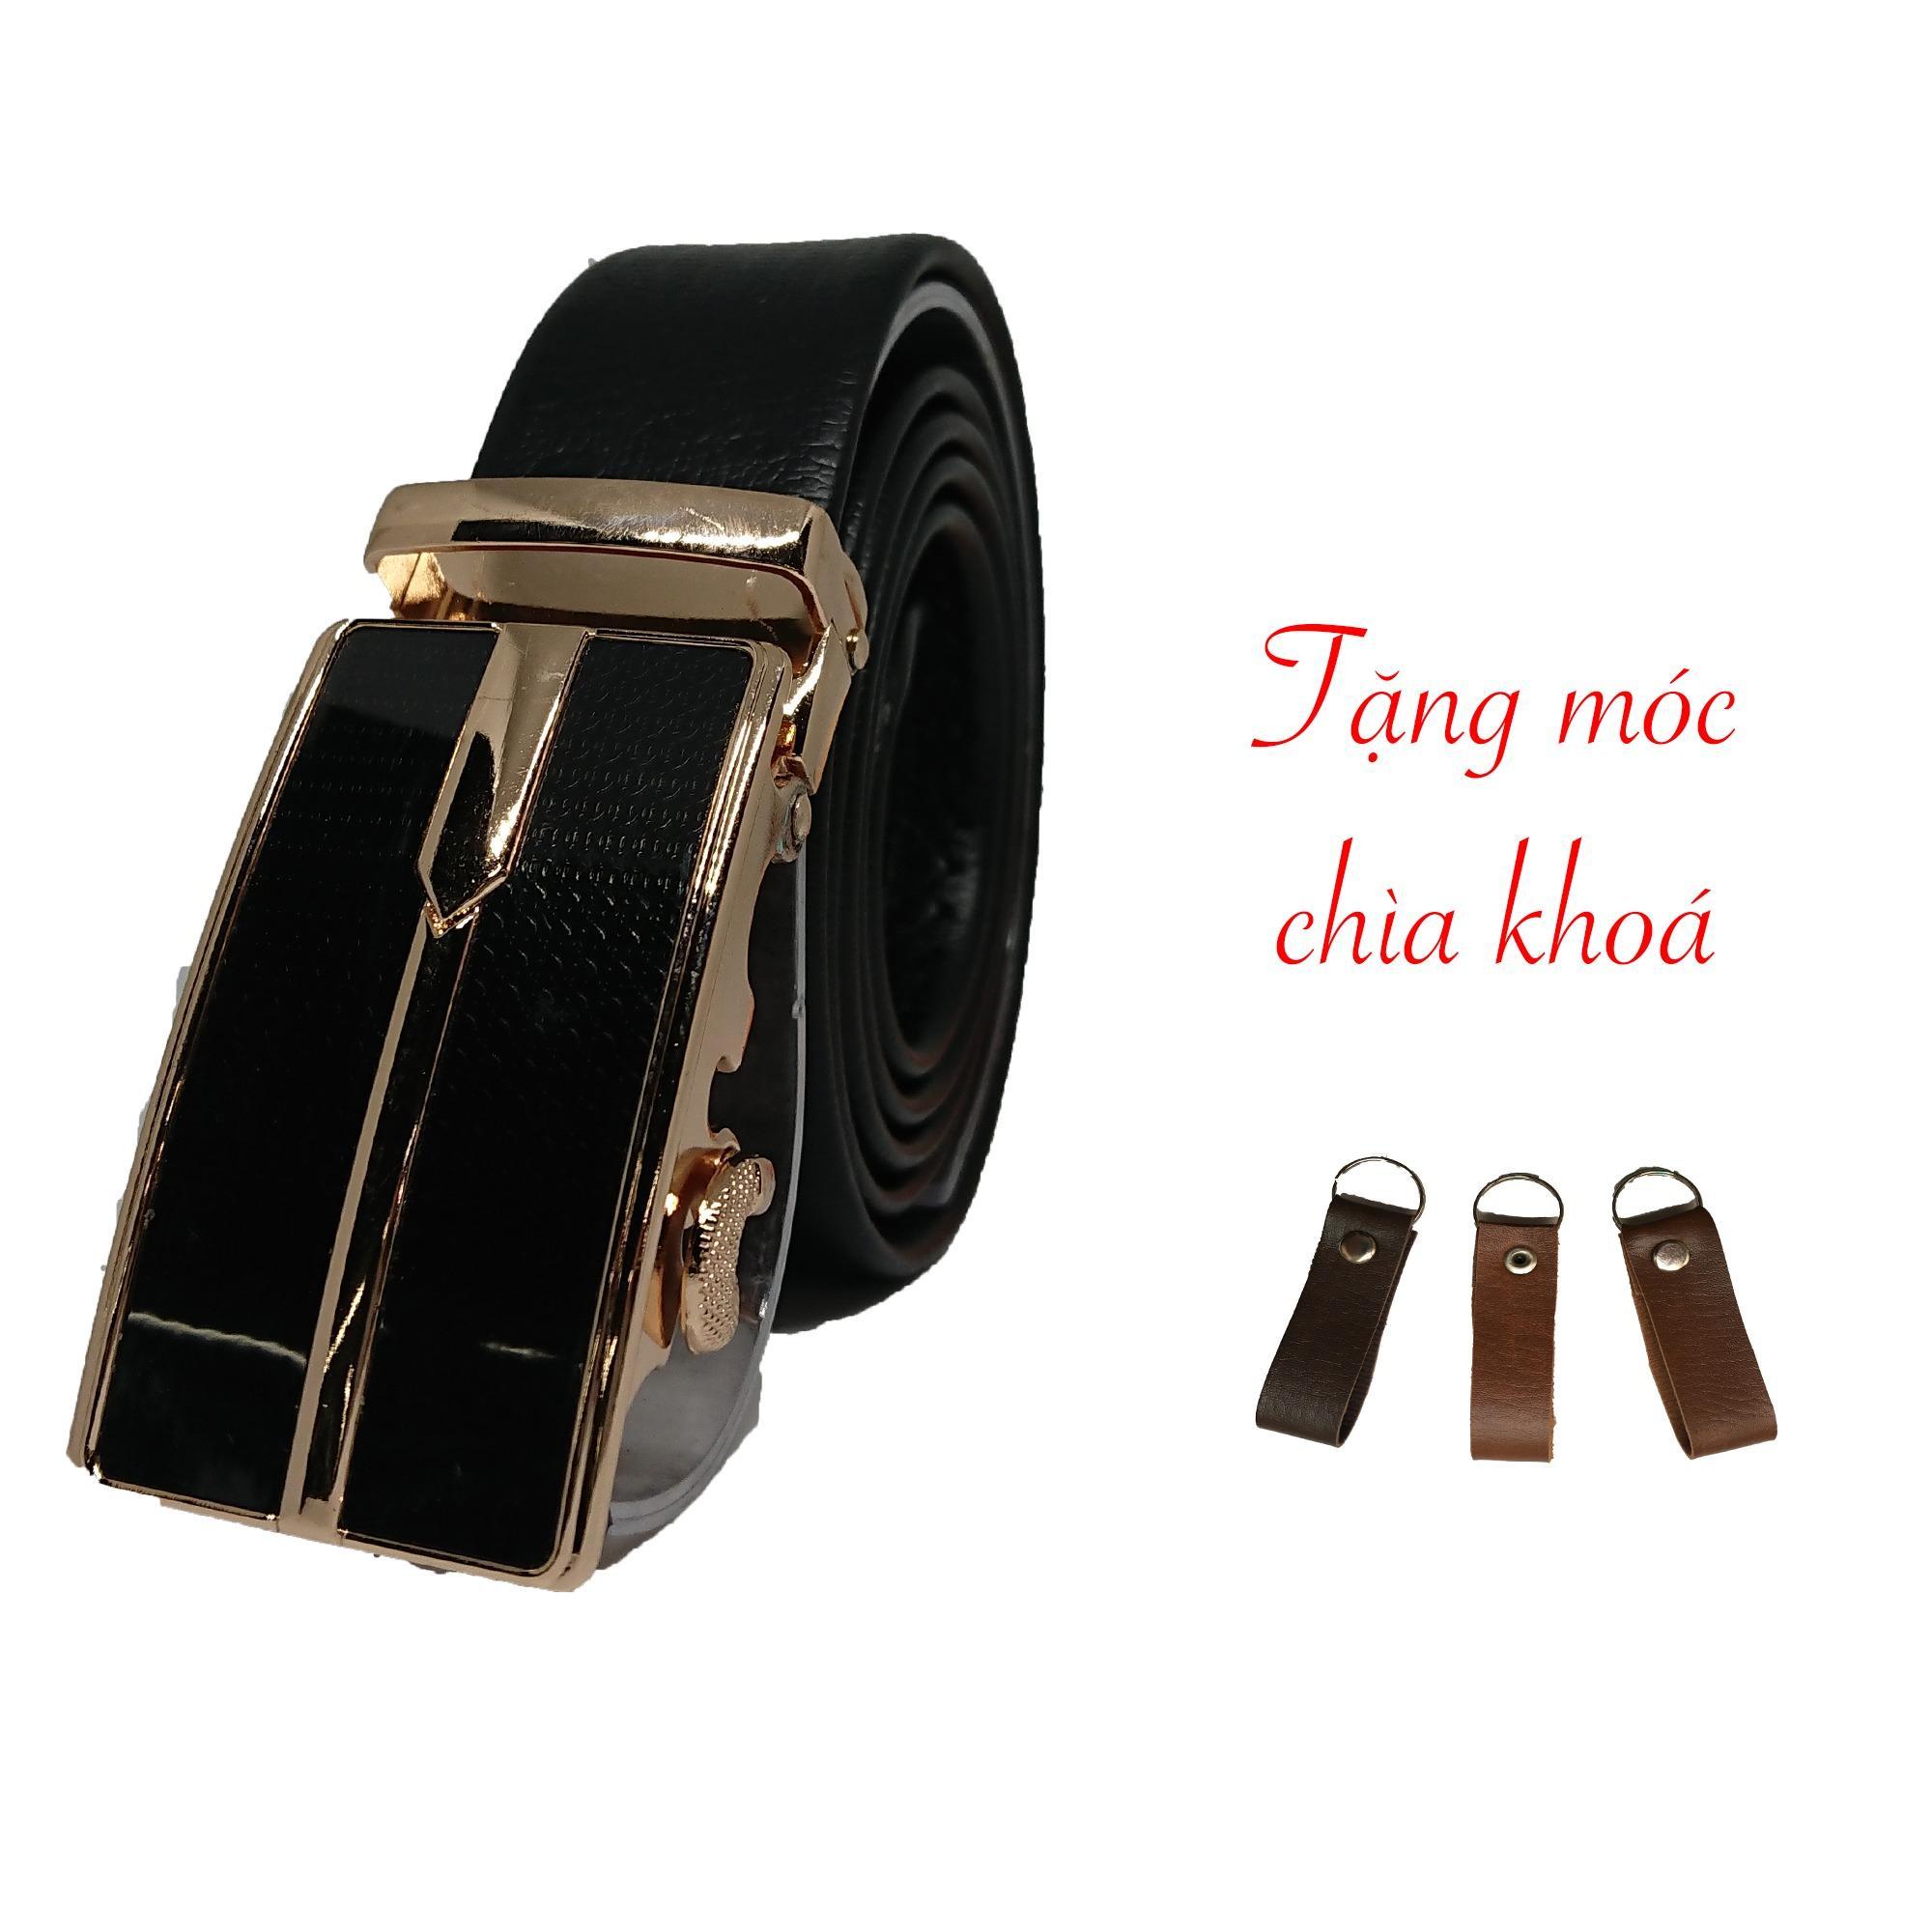 Thắt Lưng Dây Nịt Nam khóa tự động da bò - Bảo hành 6 tháng. Tặng kèm móc chìa khoá tiện dụng